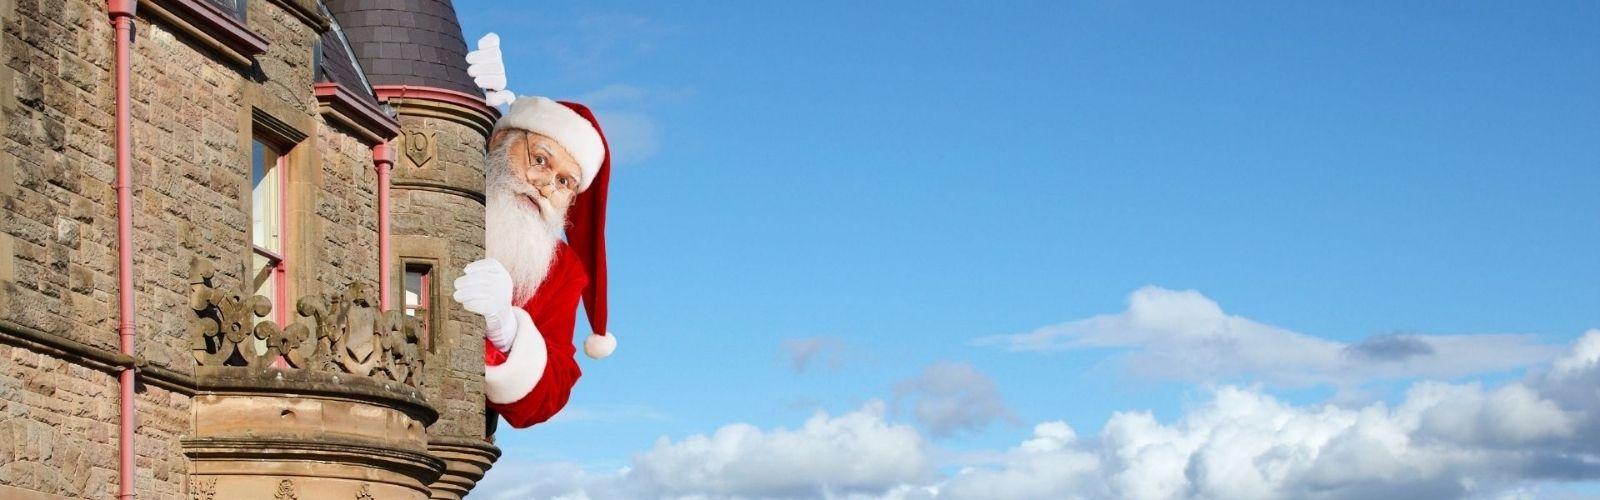 Santa Abseil – 5th December 2021